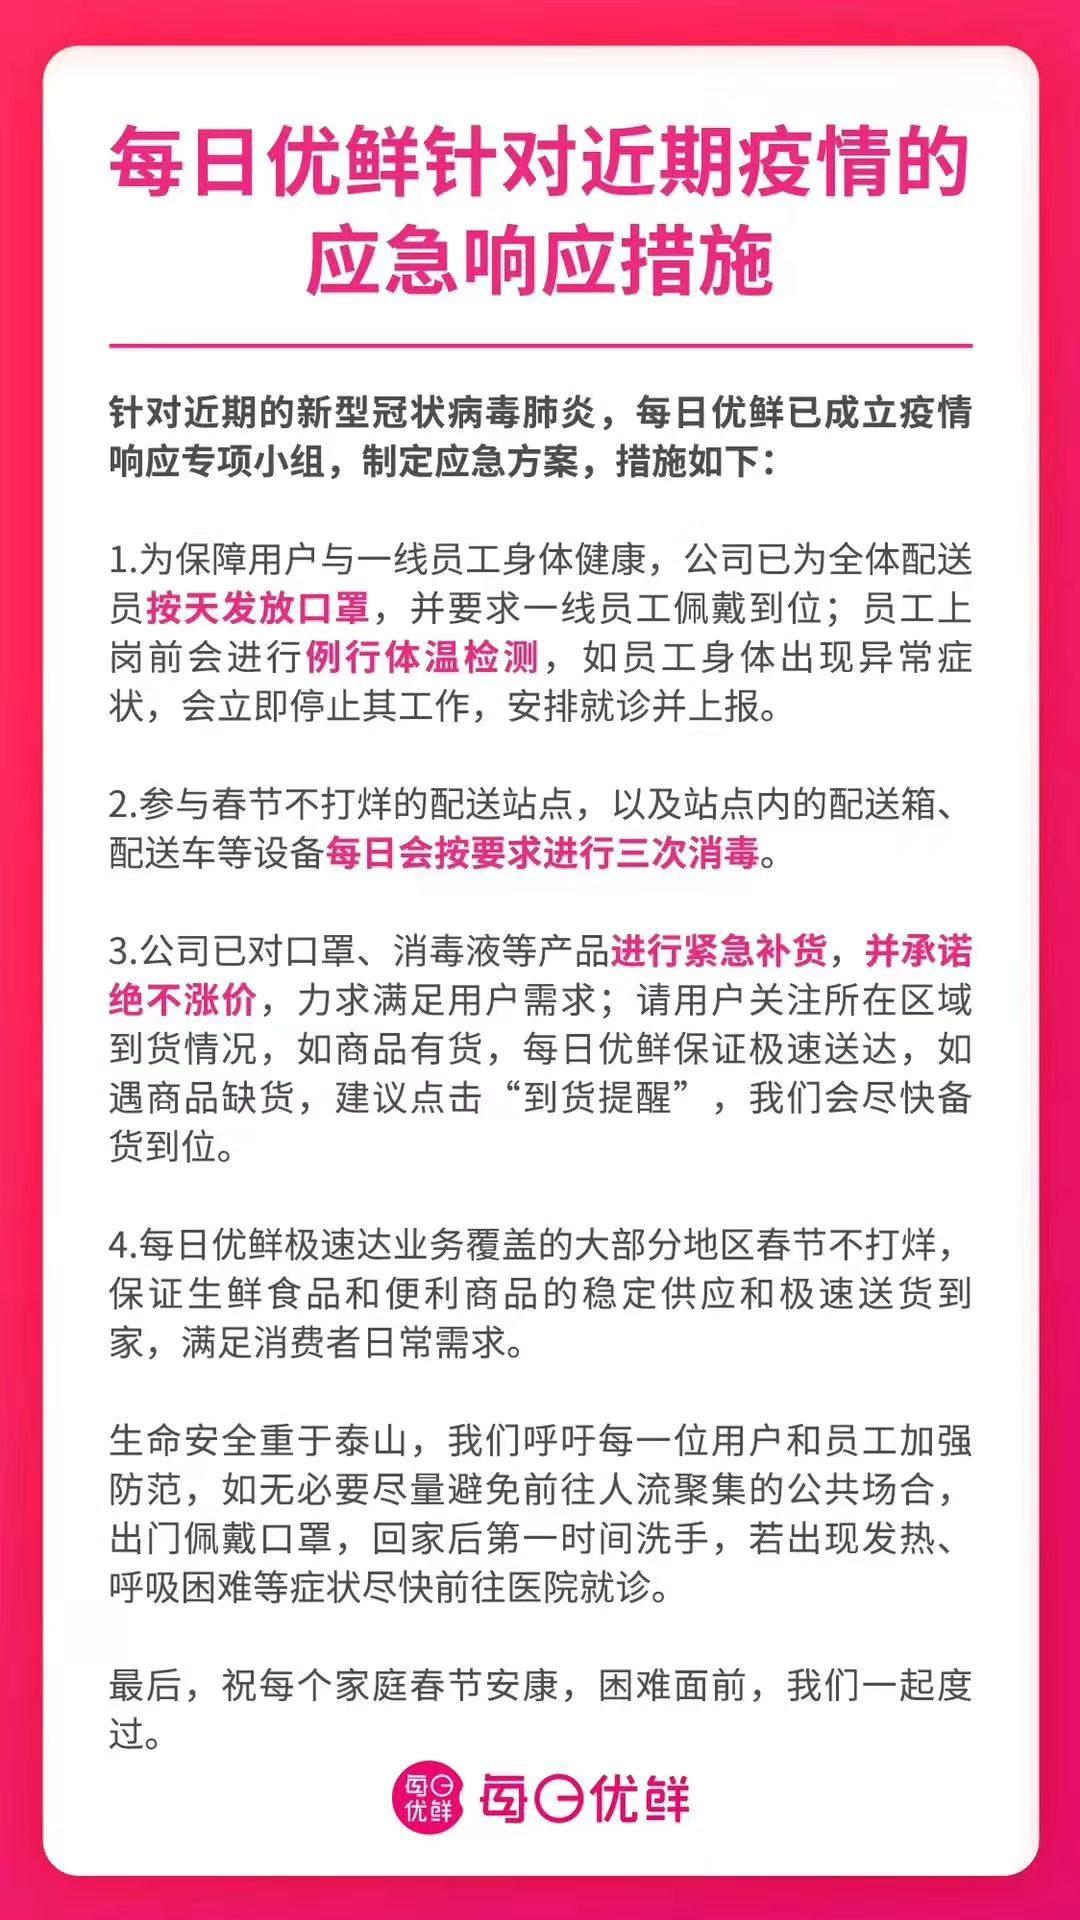 http://www.fanchuhou.com/jiaoyu/1748917.html